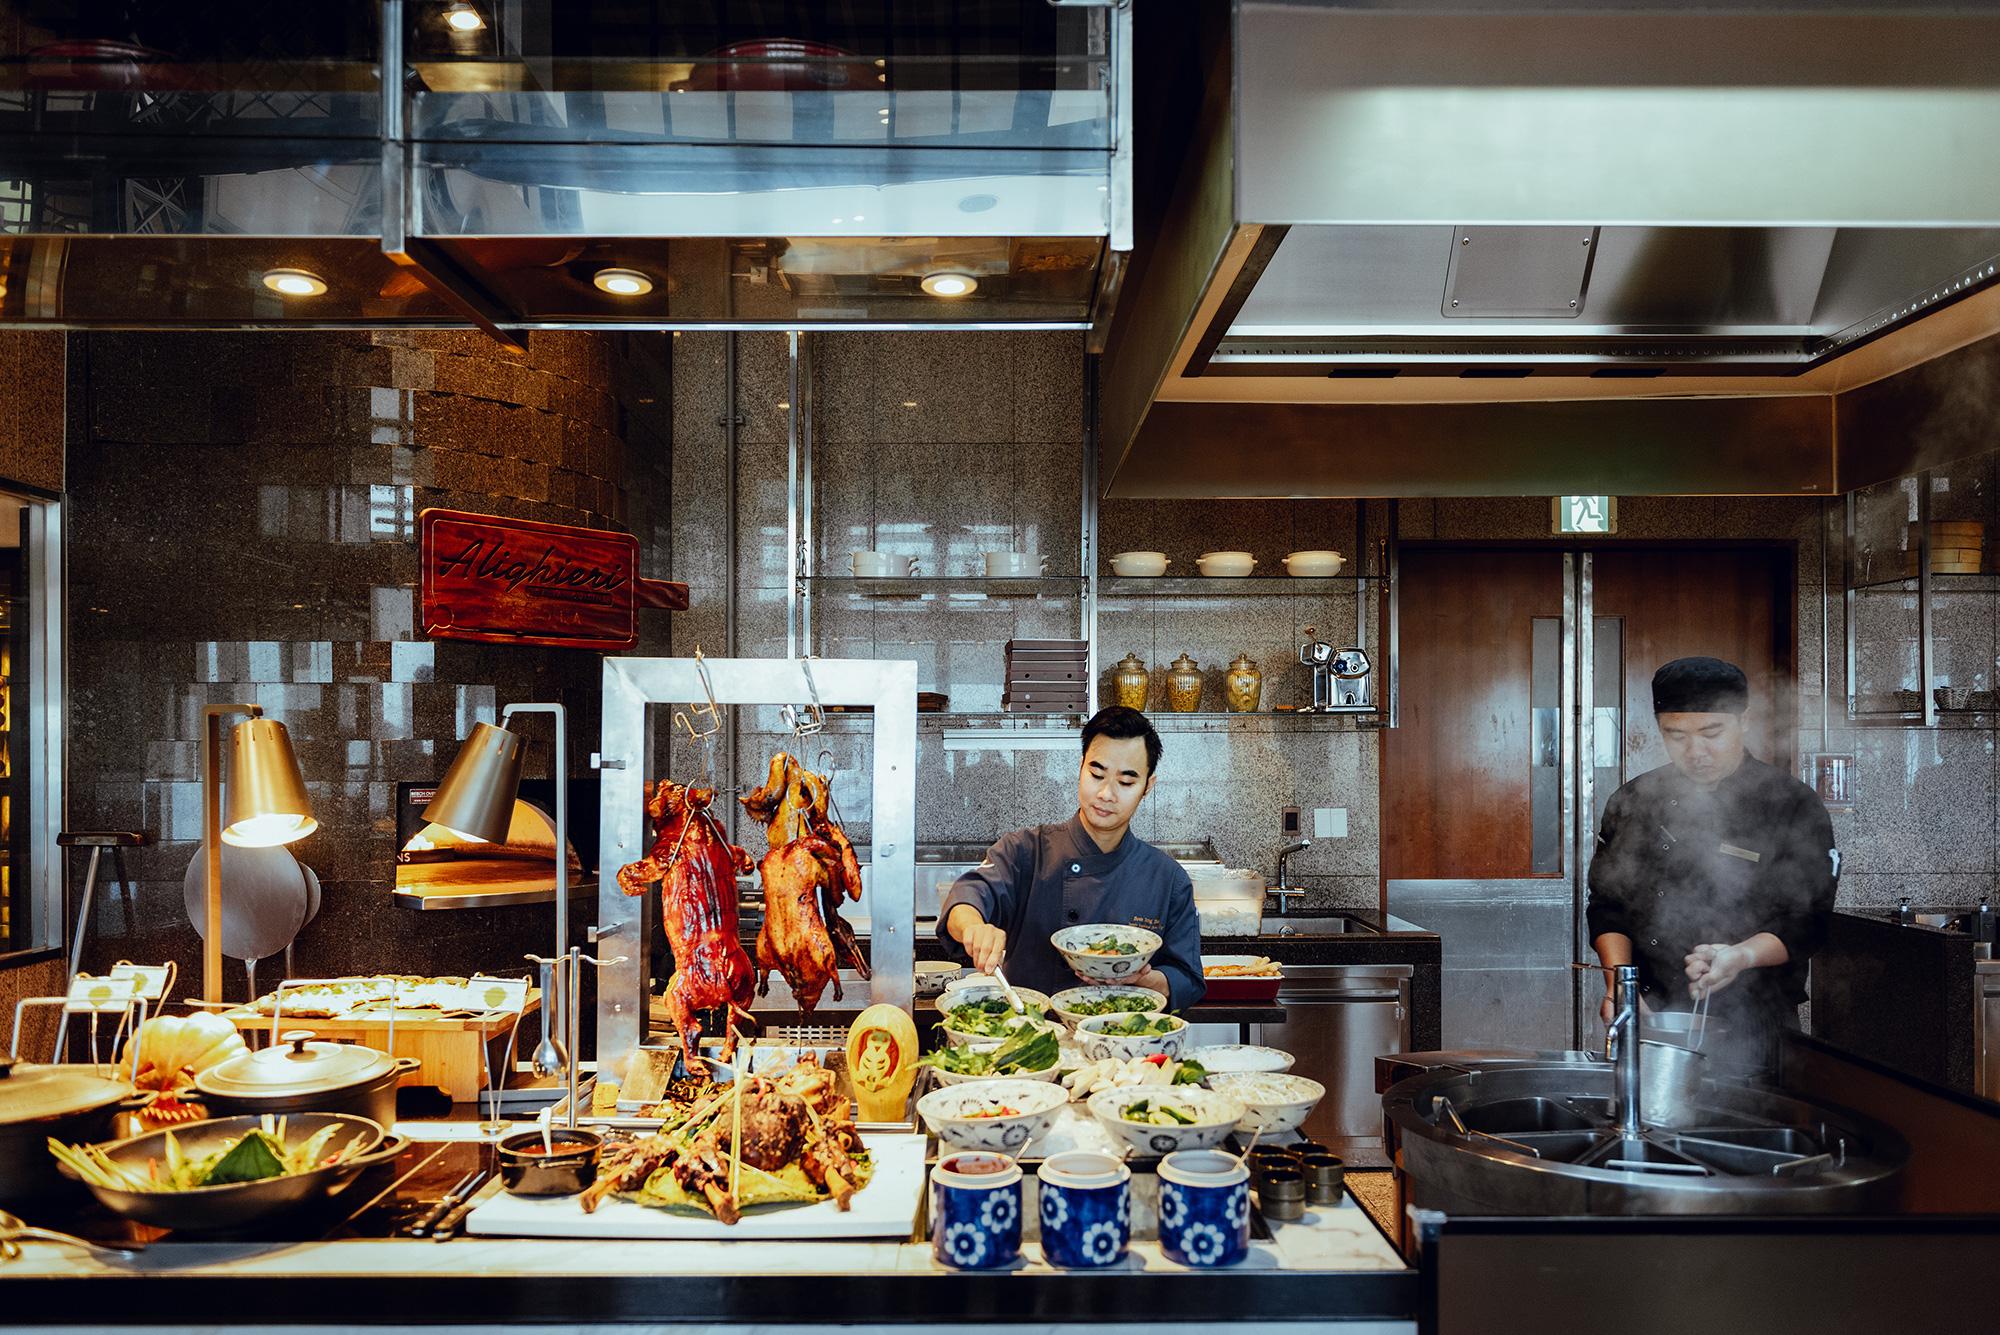 """""""Bữa tiệc trên mây"""" mùa lễ hội: Nâng tầm trải nghiệm ẩm thực với mọi giác quan tại InterContinental Hanoi Landmark72 - Ảnh 2."""